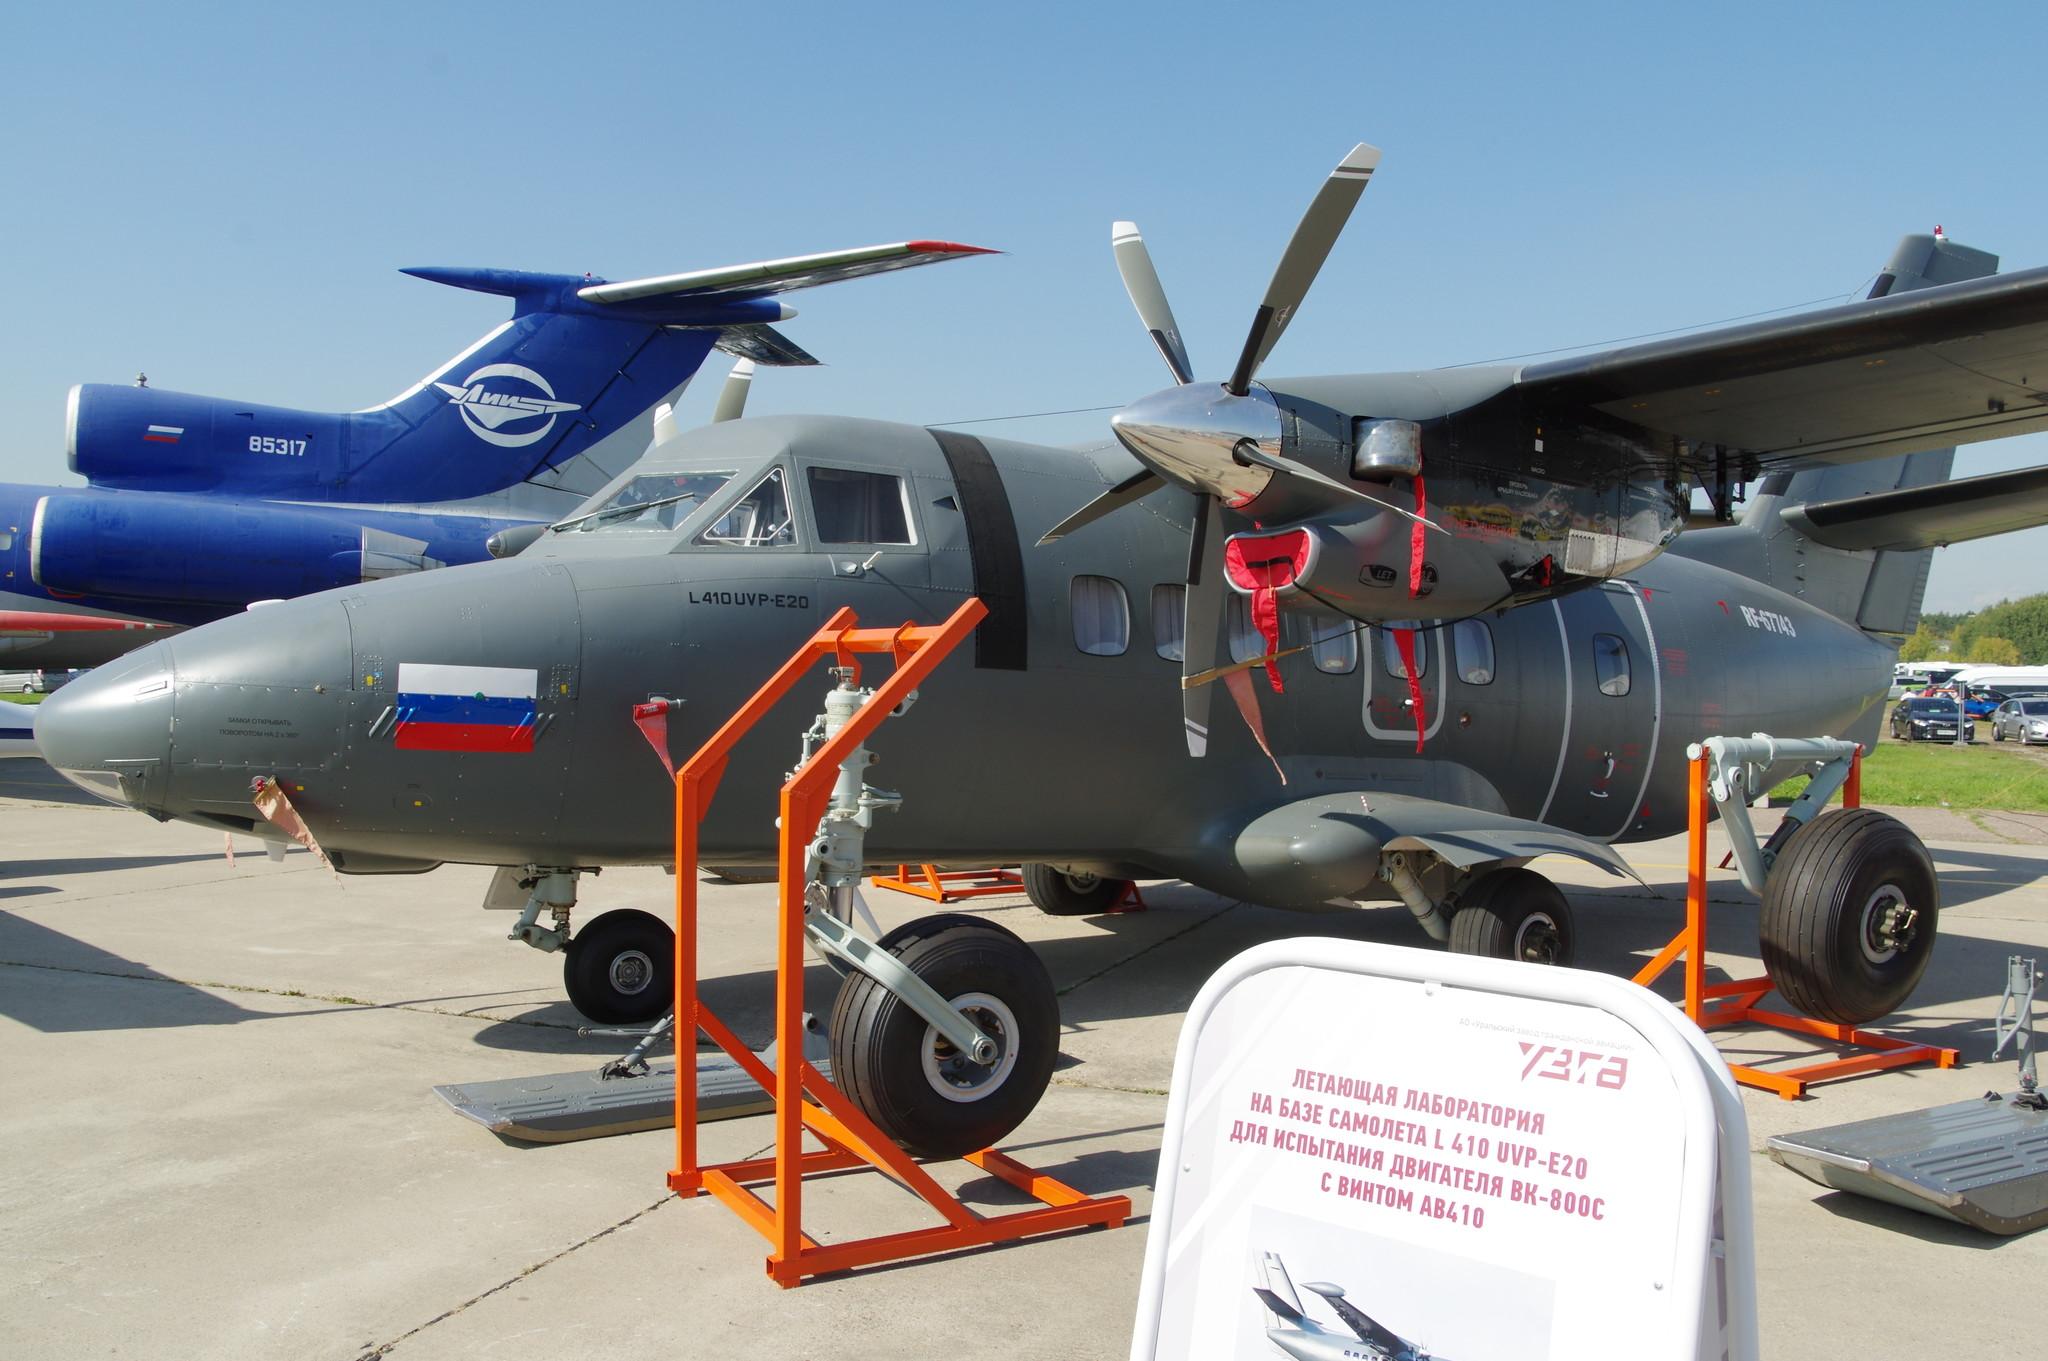 Летающая лаборатория на базе самолёта L-410 UVP-E20 для испытаний двигателя ВК-800С с винтом АВ410